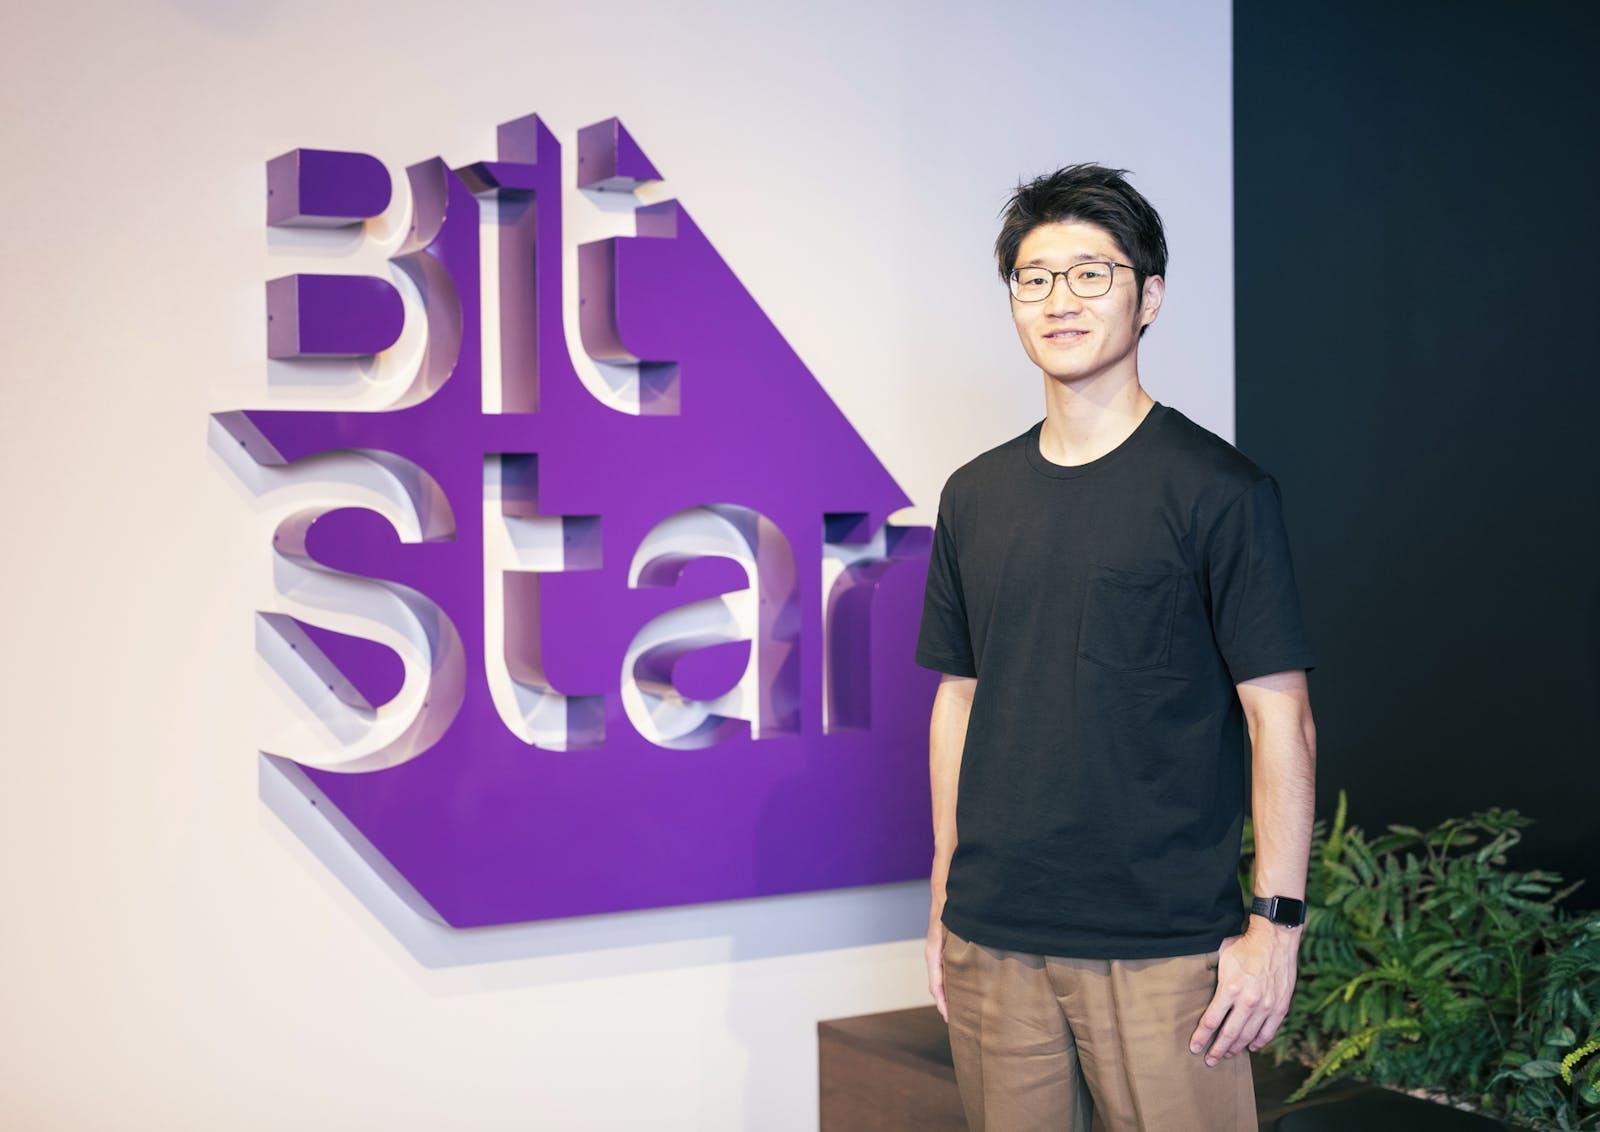 株式会社BitStarのアイキャッチ画像